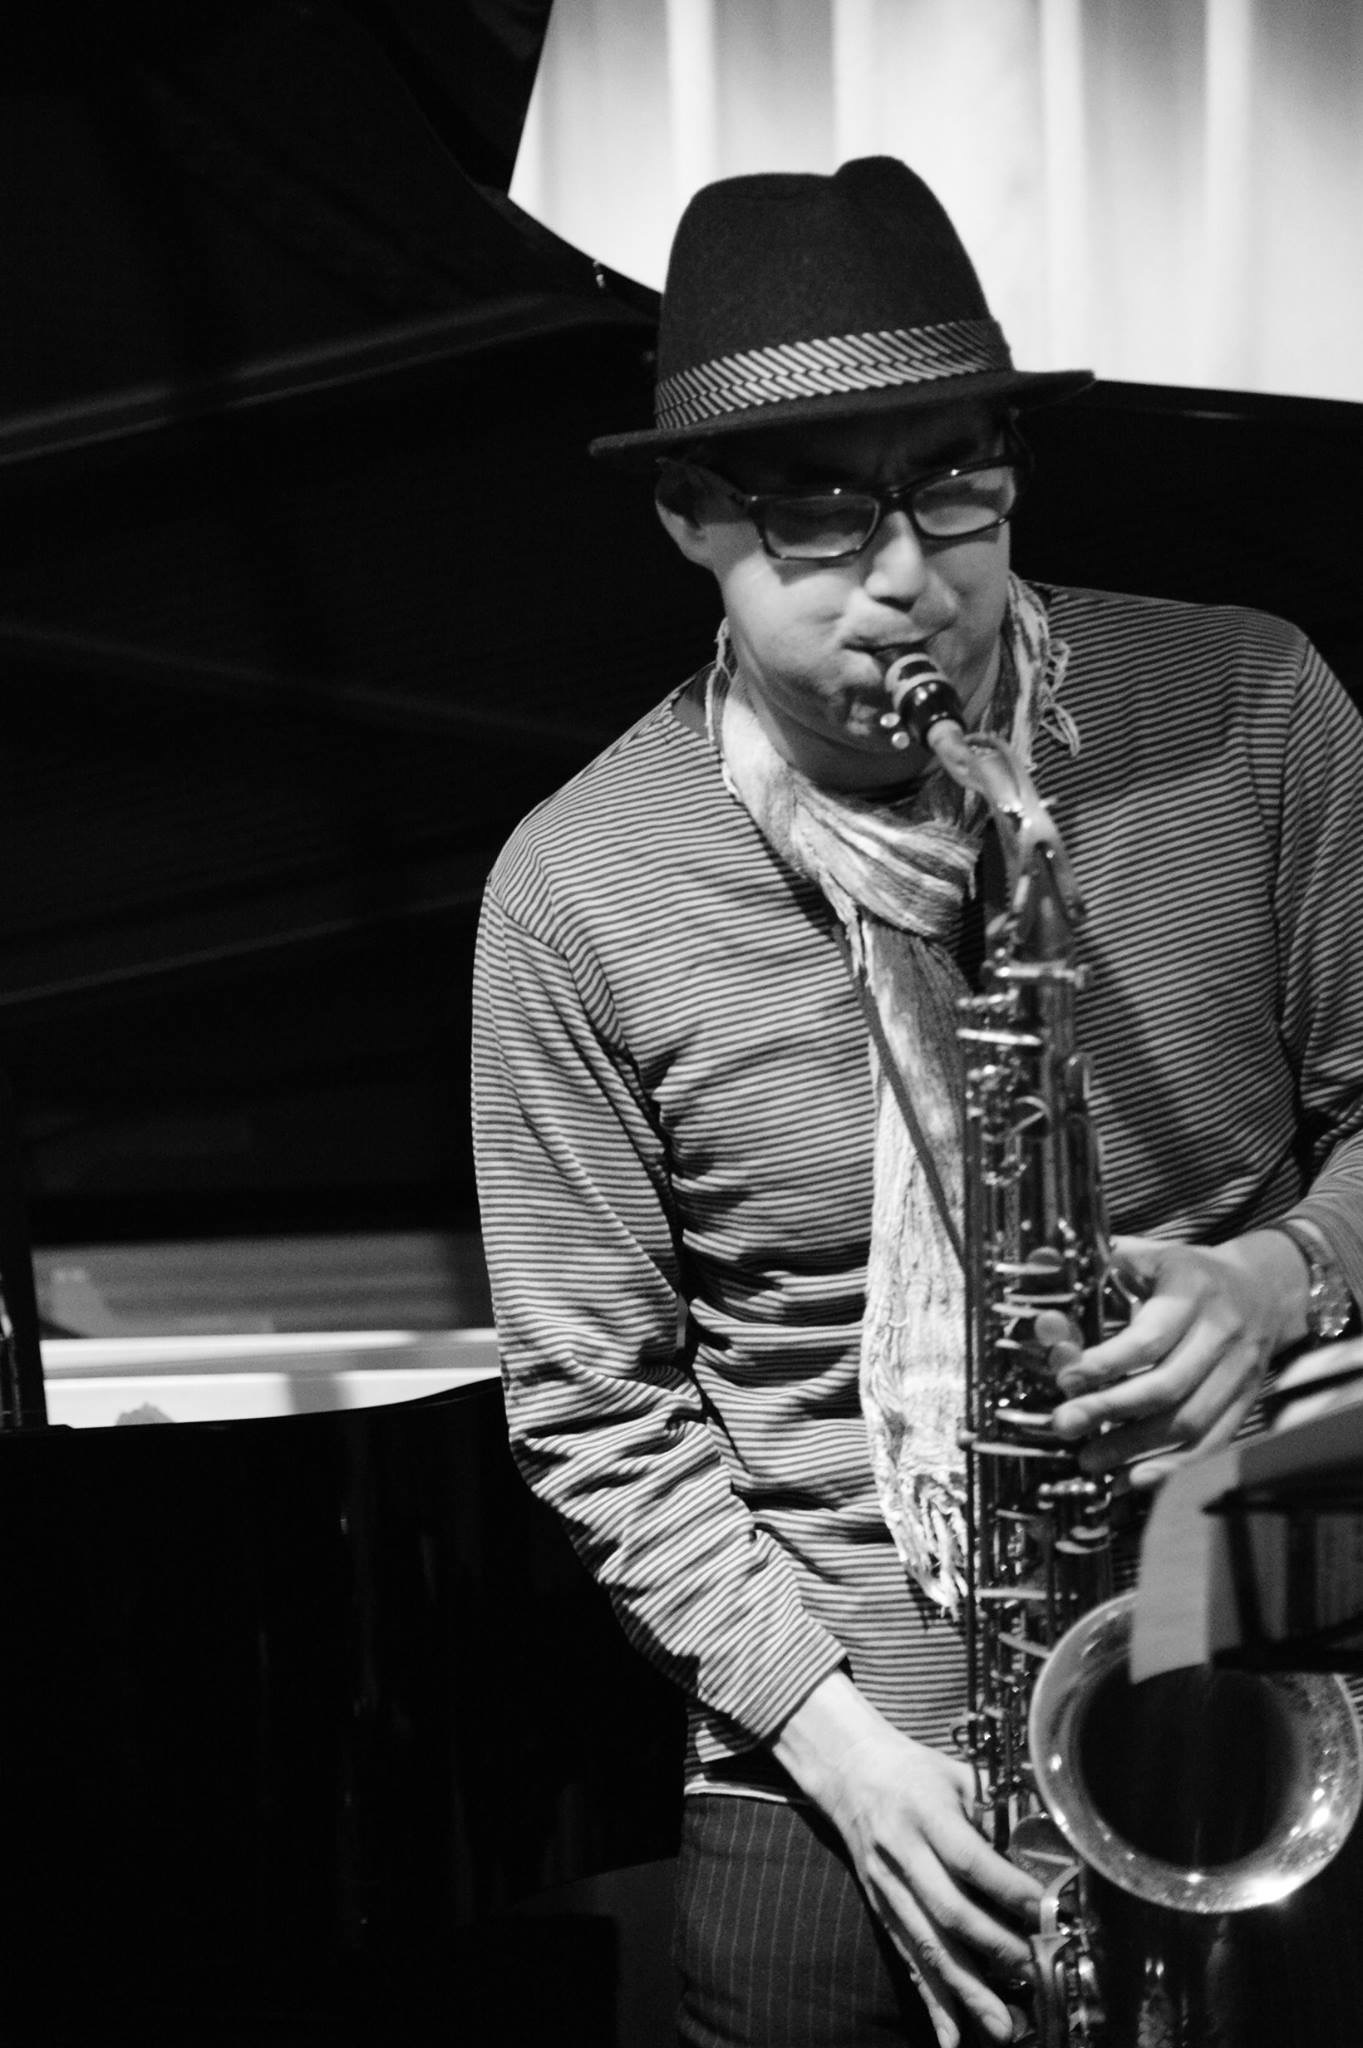 広島 Jazzlive Cominジャズライブカミン  本日3月23日月曜日のライブ_b0115606_11035154.jpeg